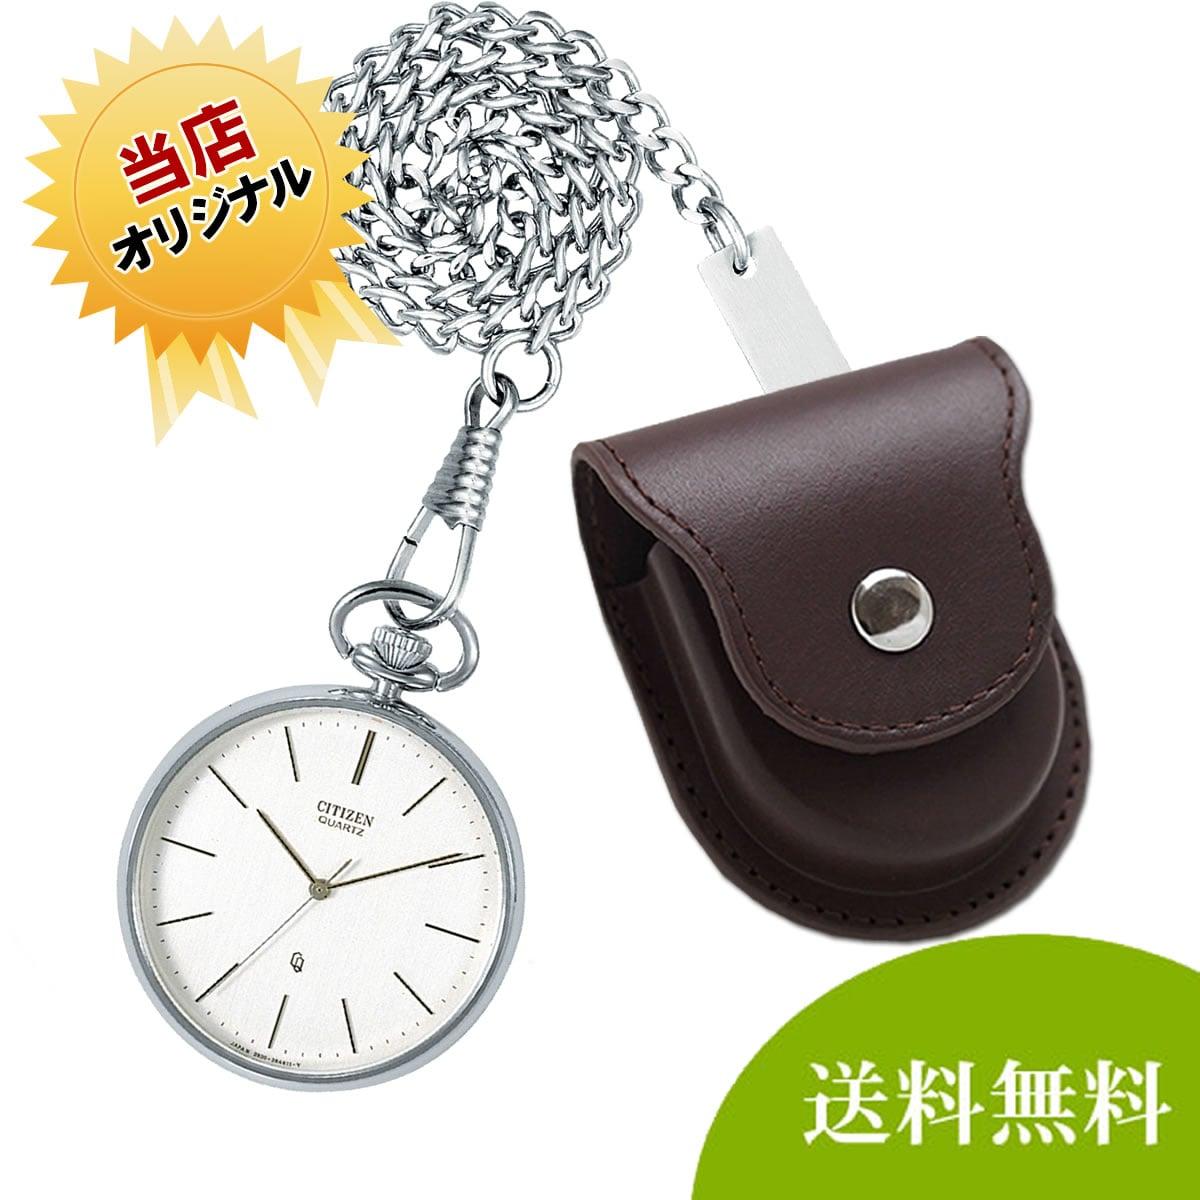 シチズン懐中時計とレザーケースのセット